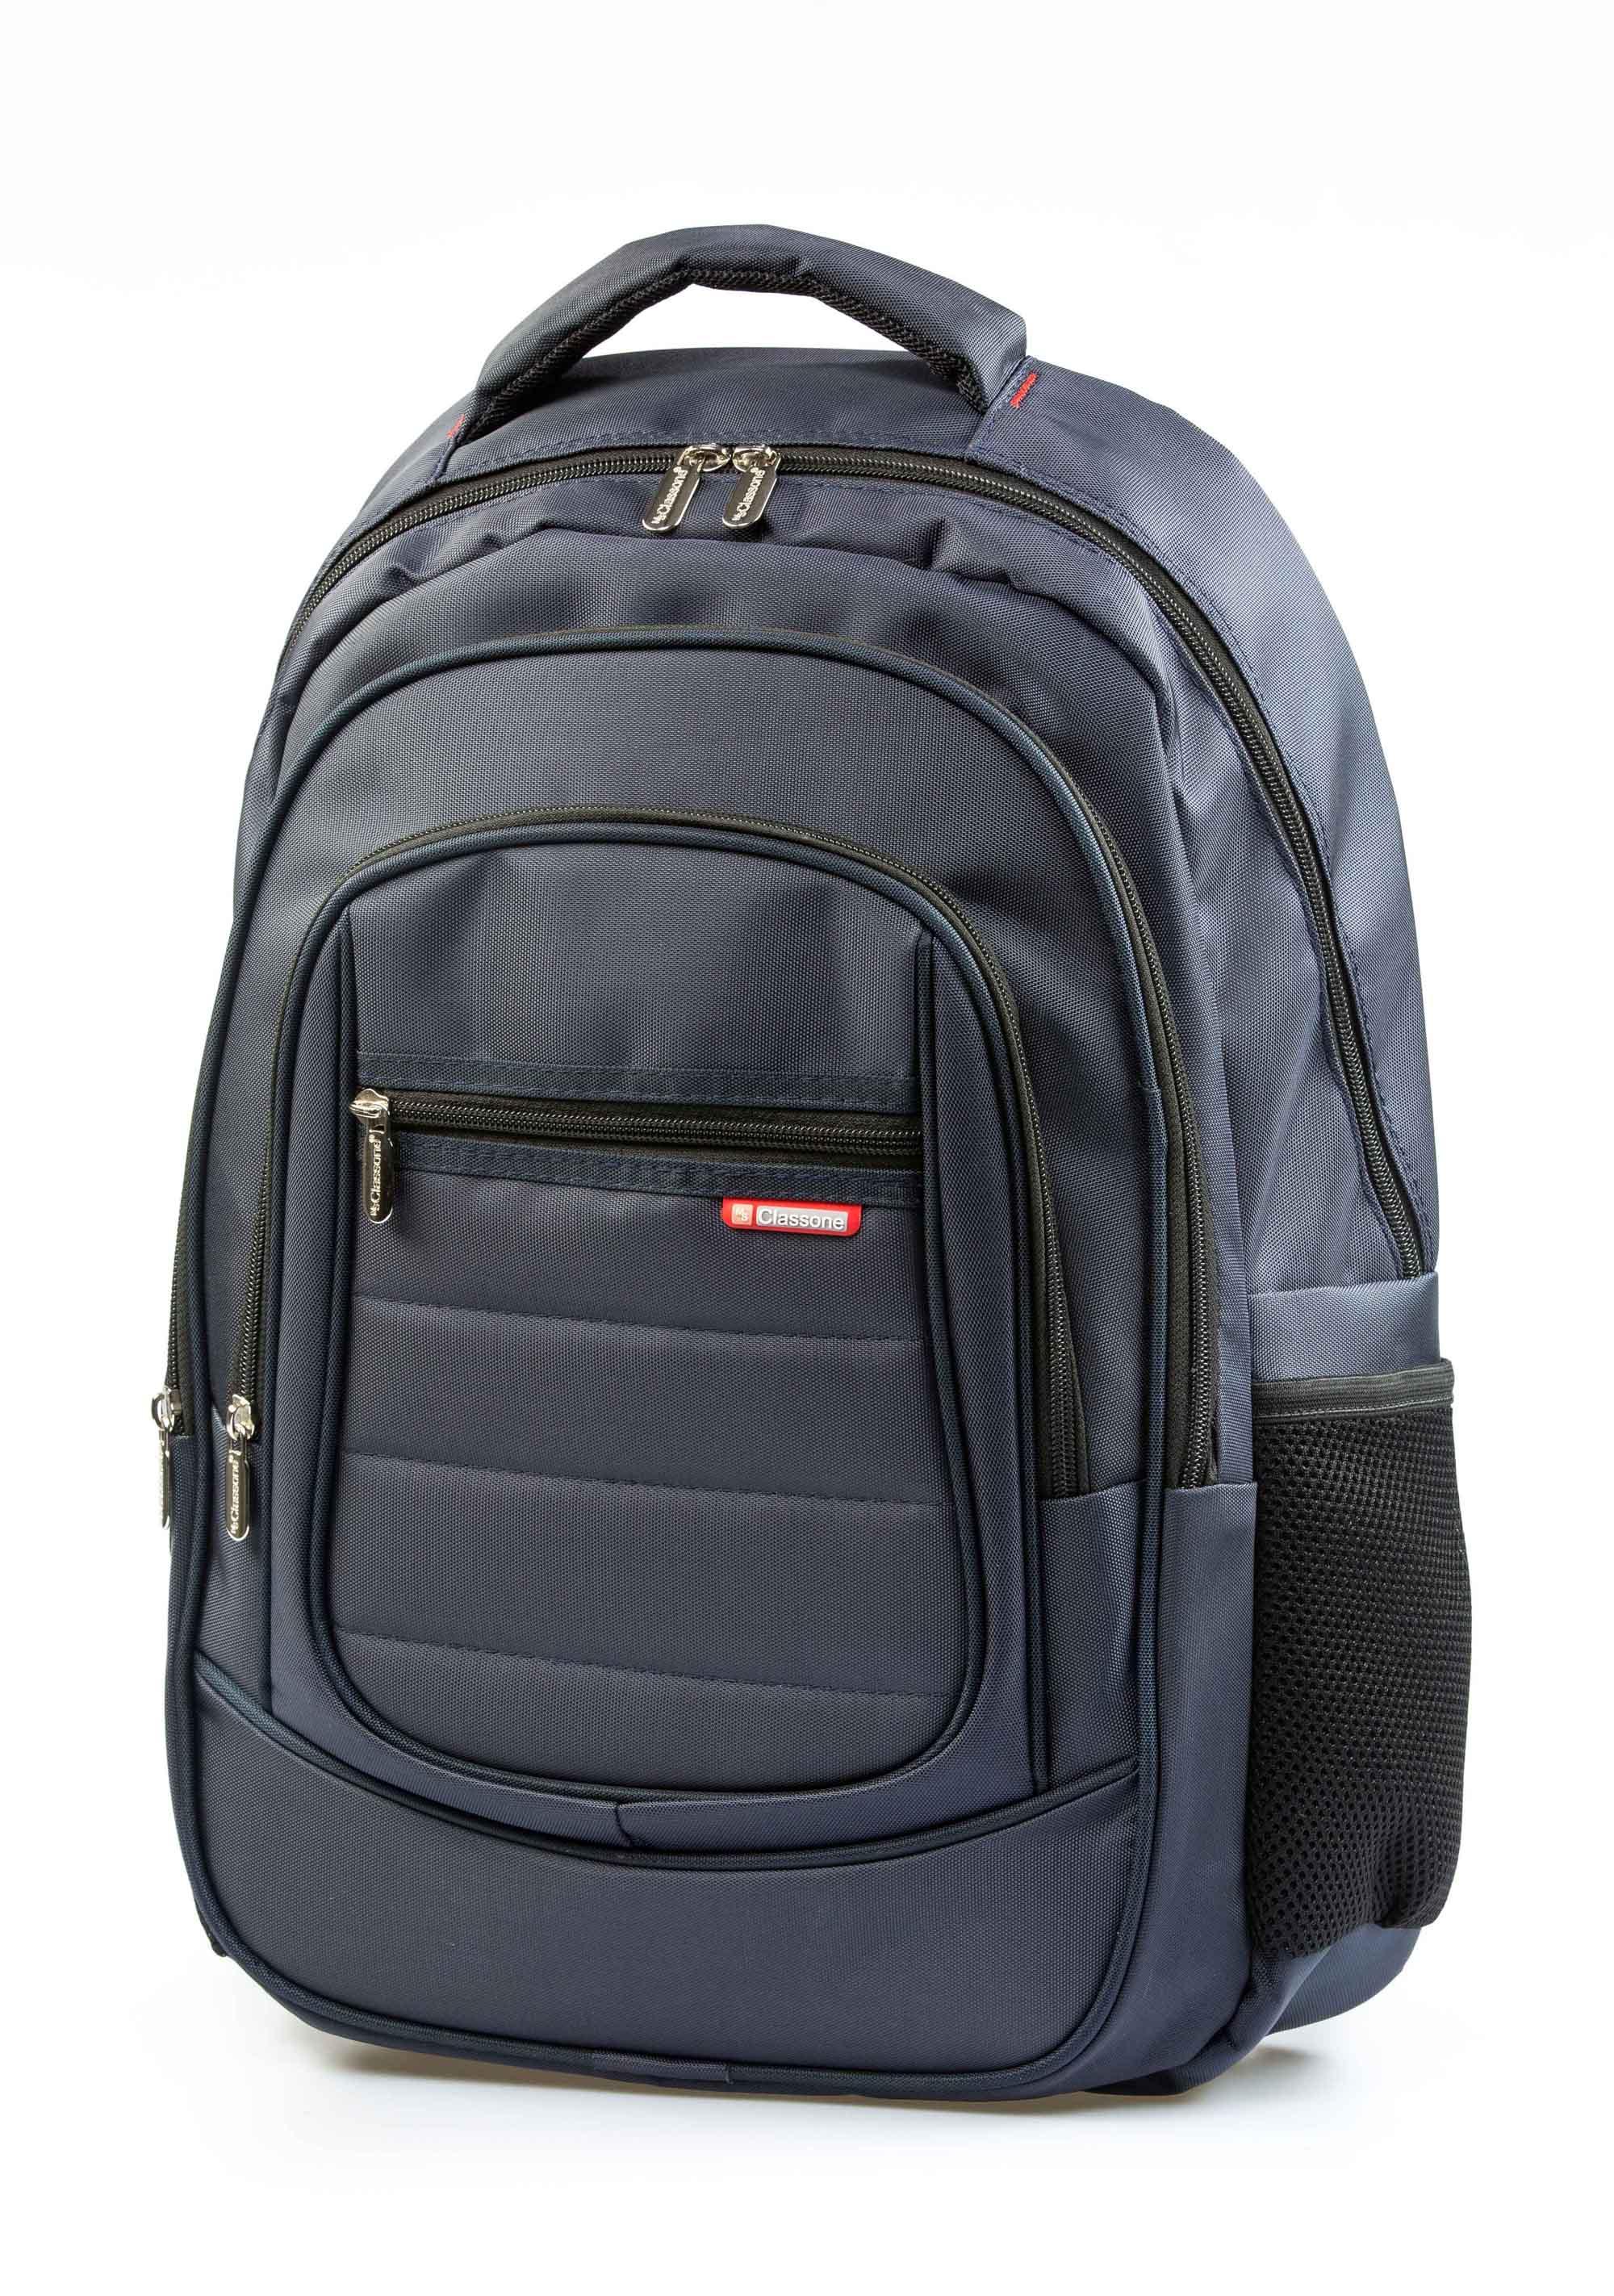 cc2c485f0ca2f Classone BP-L201 15,6 inç Notebook Sırt Çantası-Lacivert. ÜCRETSİZ KARGO  --- SÜPER HIZLI GÖNDERİ